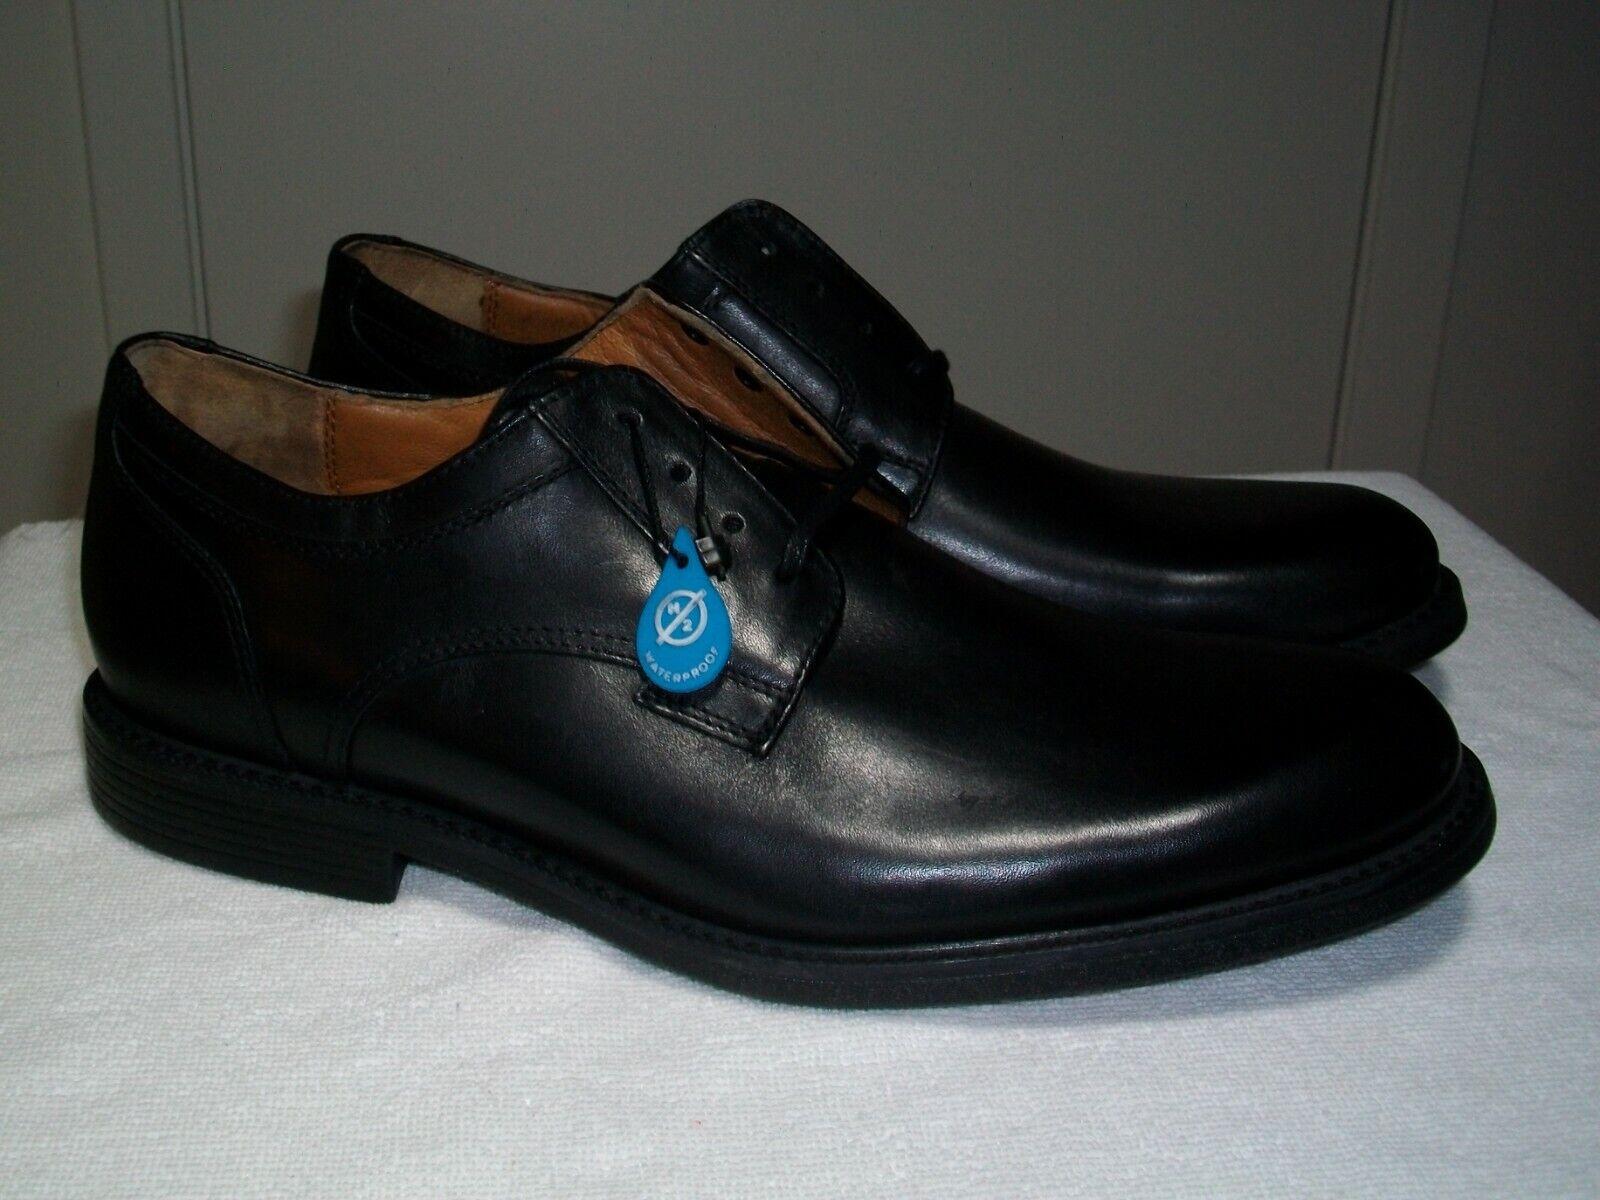 New Men's Johnston & Murphy XC4 Cardell Plain Toe Black WP Calfskin Oxfords 9M